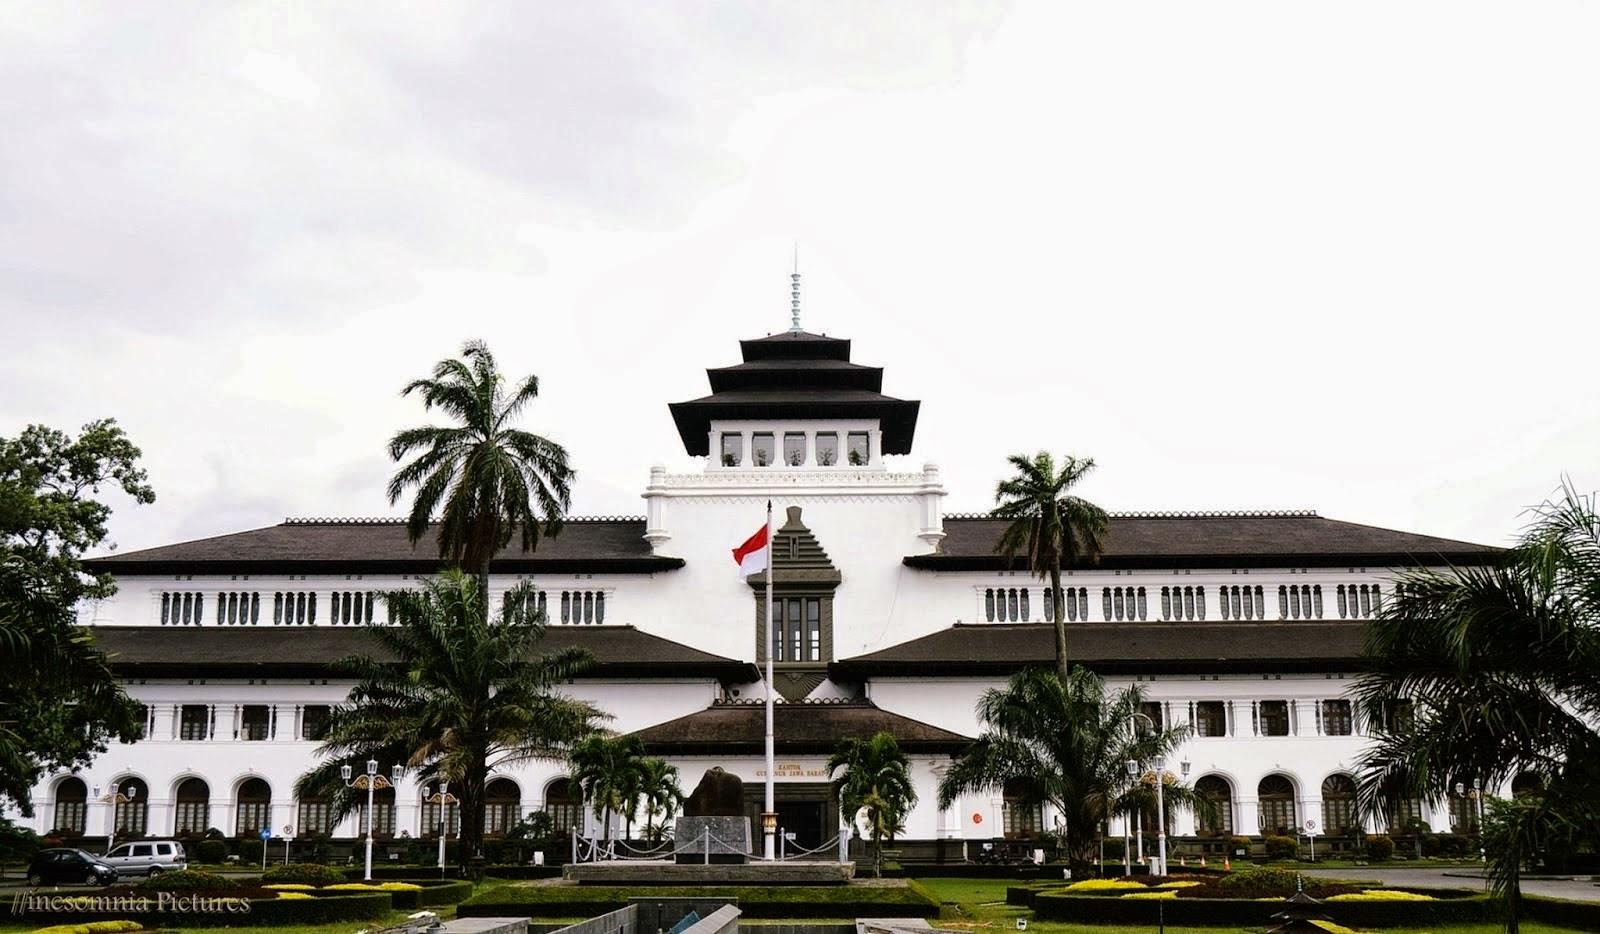 Bandoeng Holland in De Tropen, Masihkah Kota Bandung Menyimpan Bangunan Tua Bersejarah?